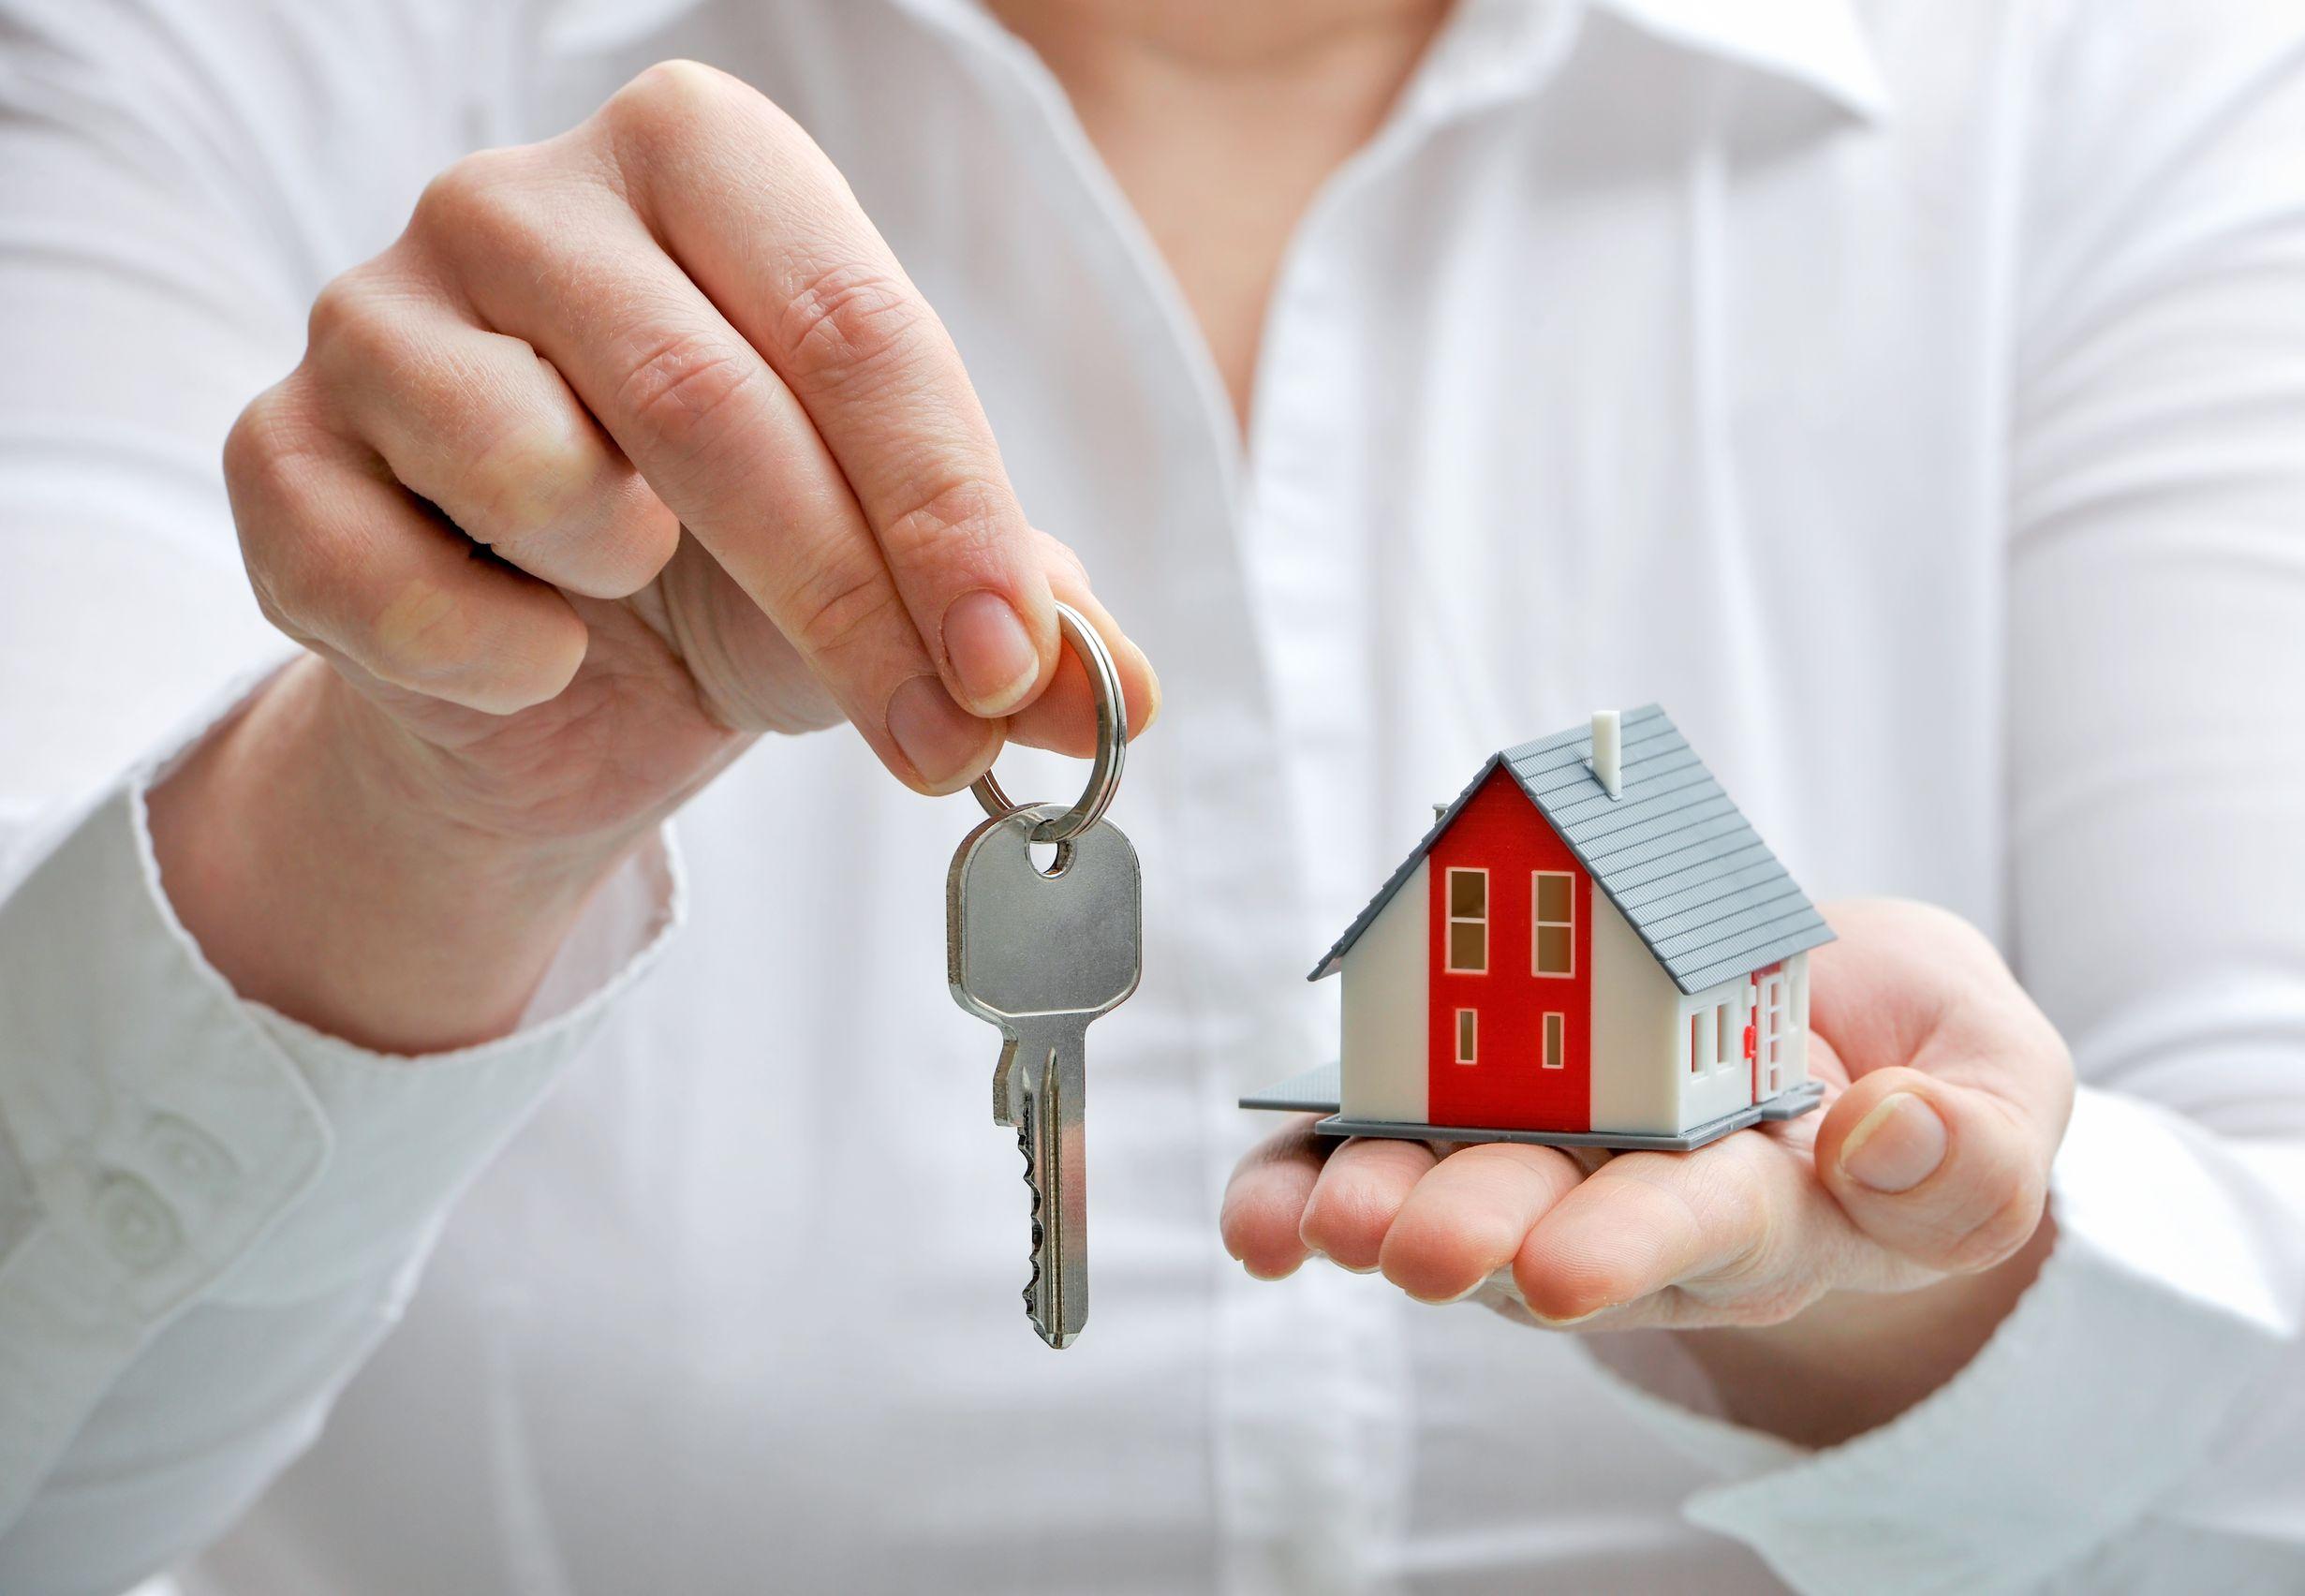 18148502 - real estBeli rumah di pameran properti menjadi ajang bagi banyak orang untuk mendapatkan hunian terbaiknya.ate agent with house model and keys